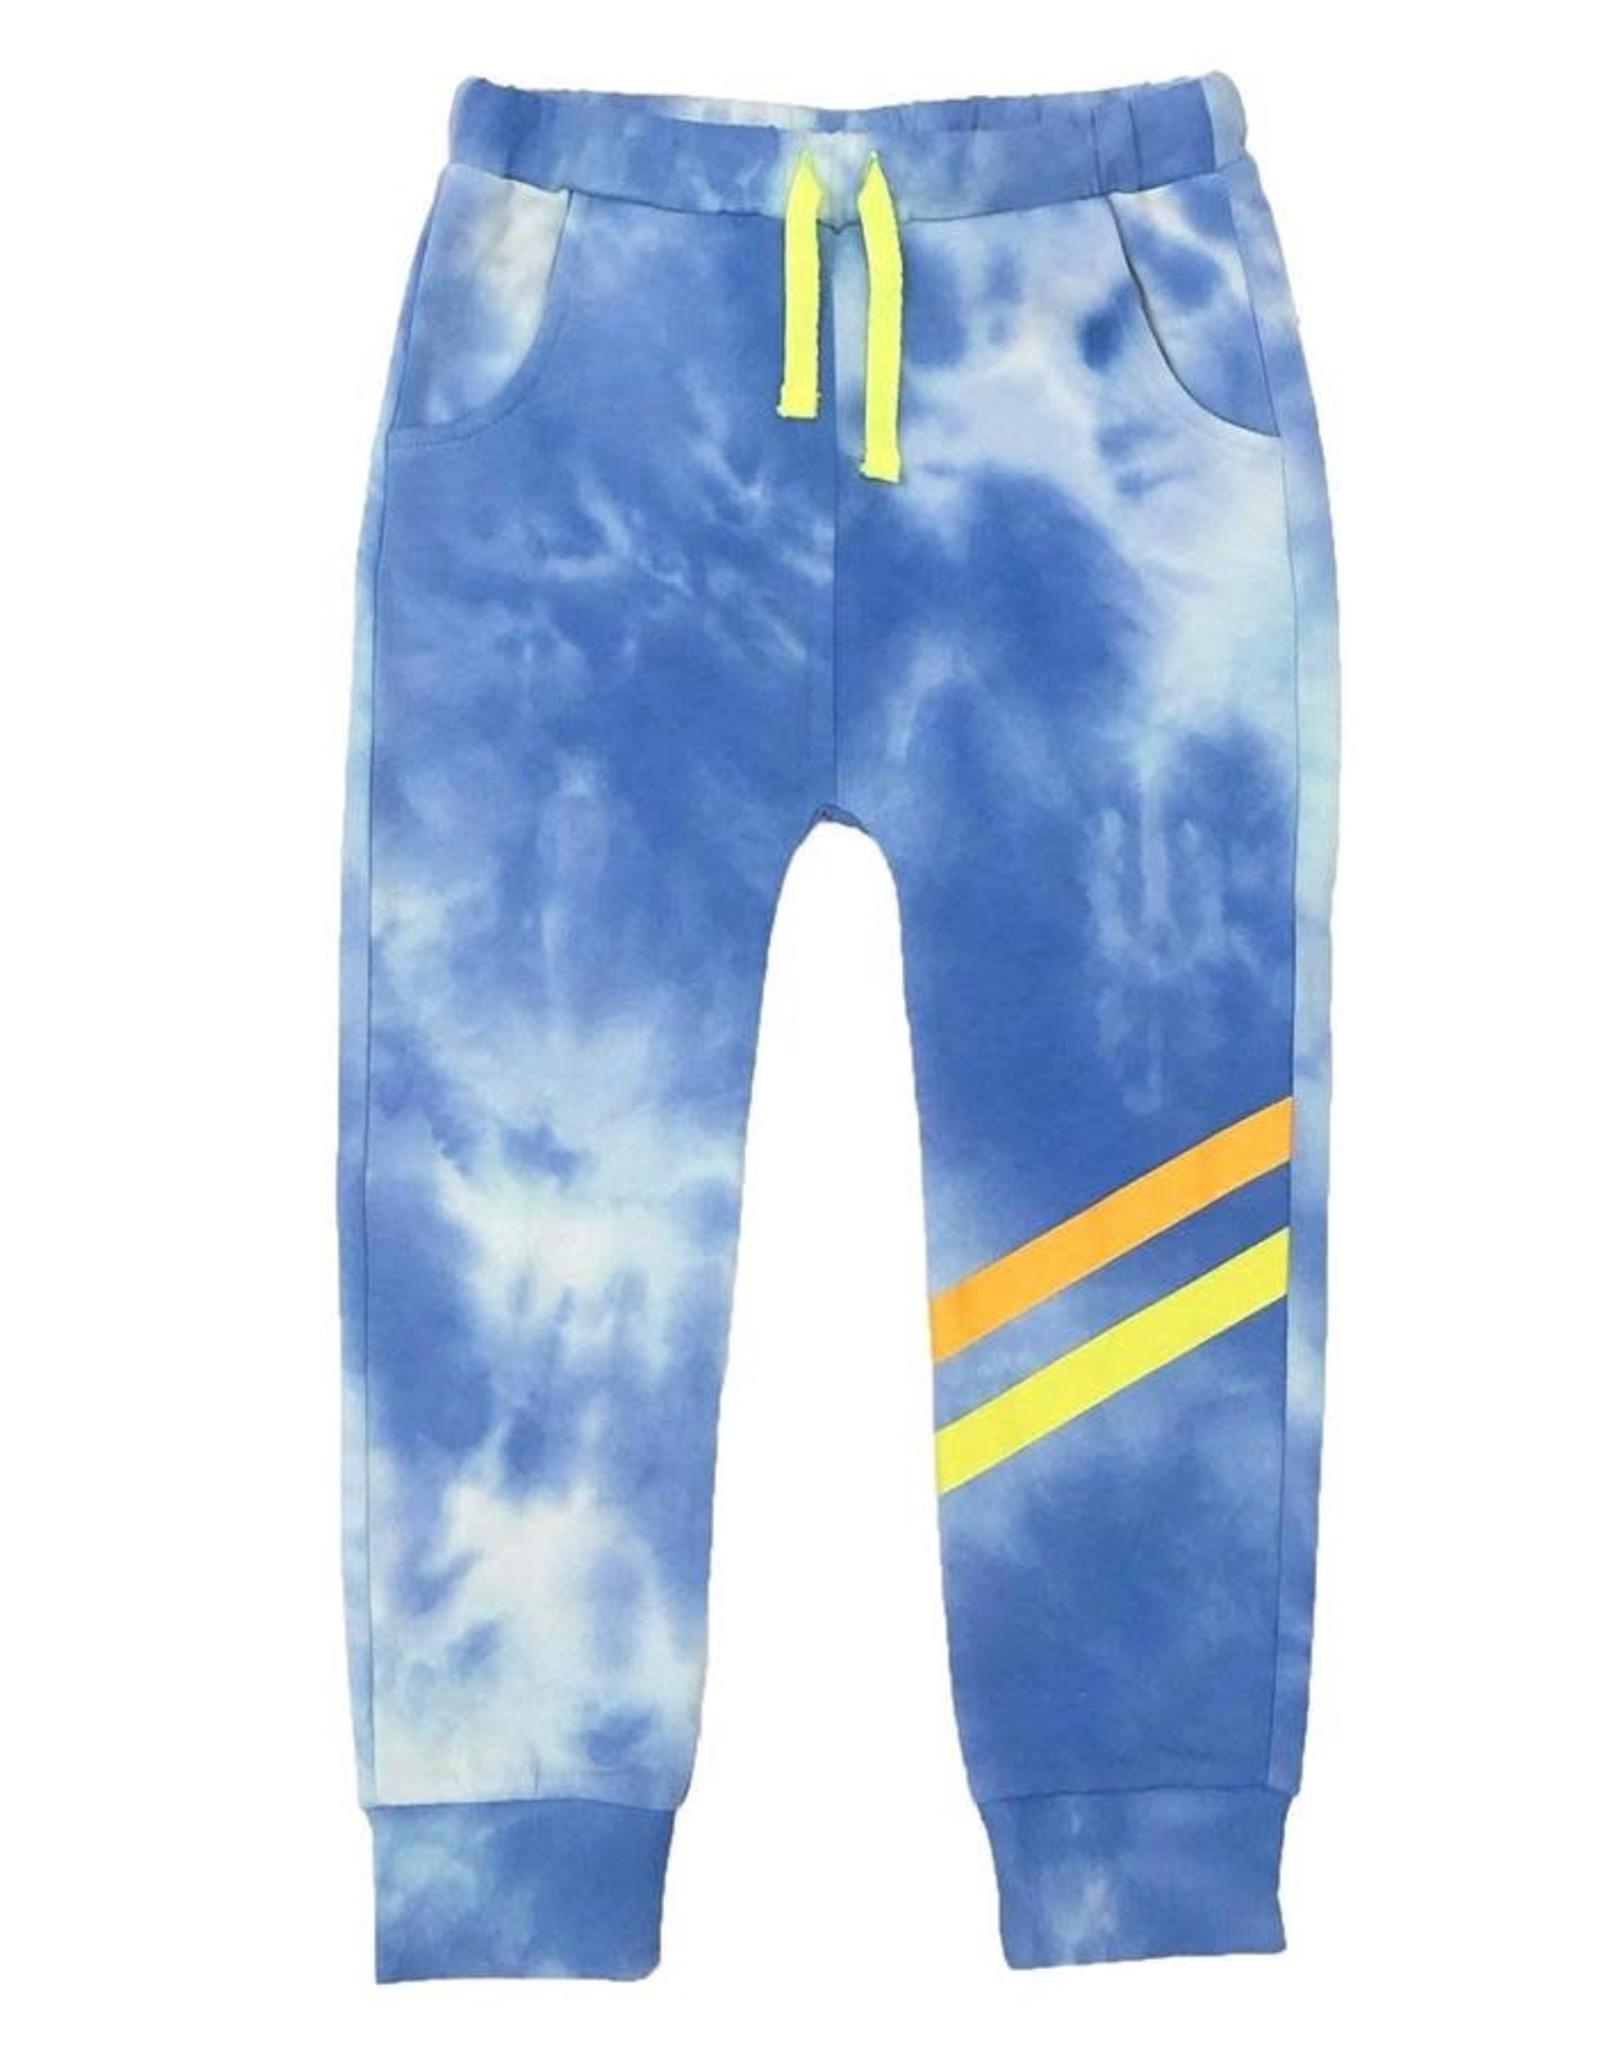 EGG EGG Chase Pant Blue Cloud Tye Tie Dye